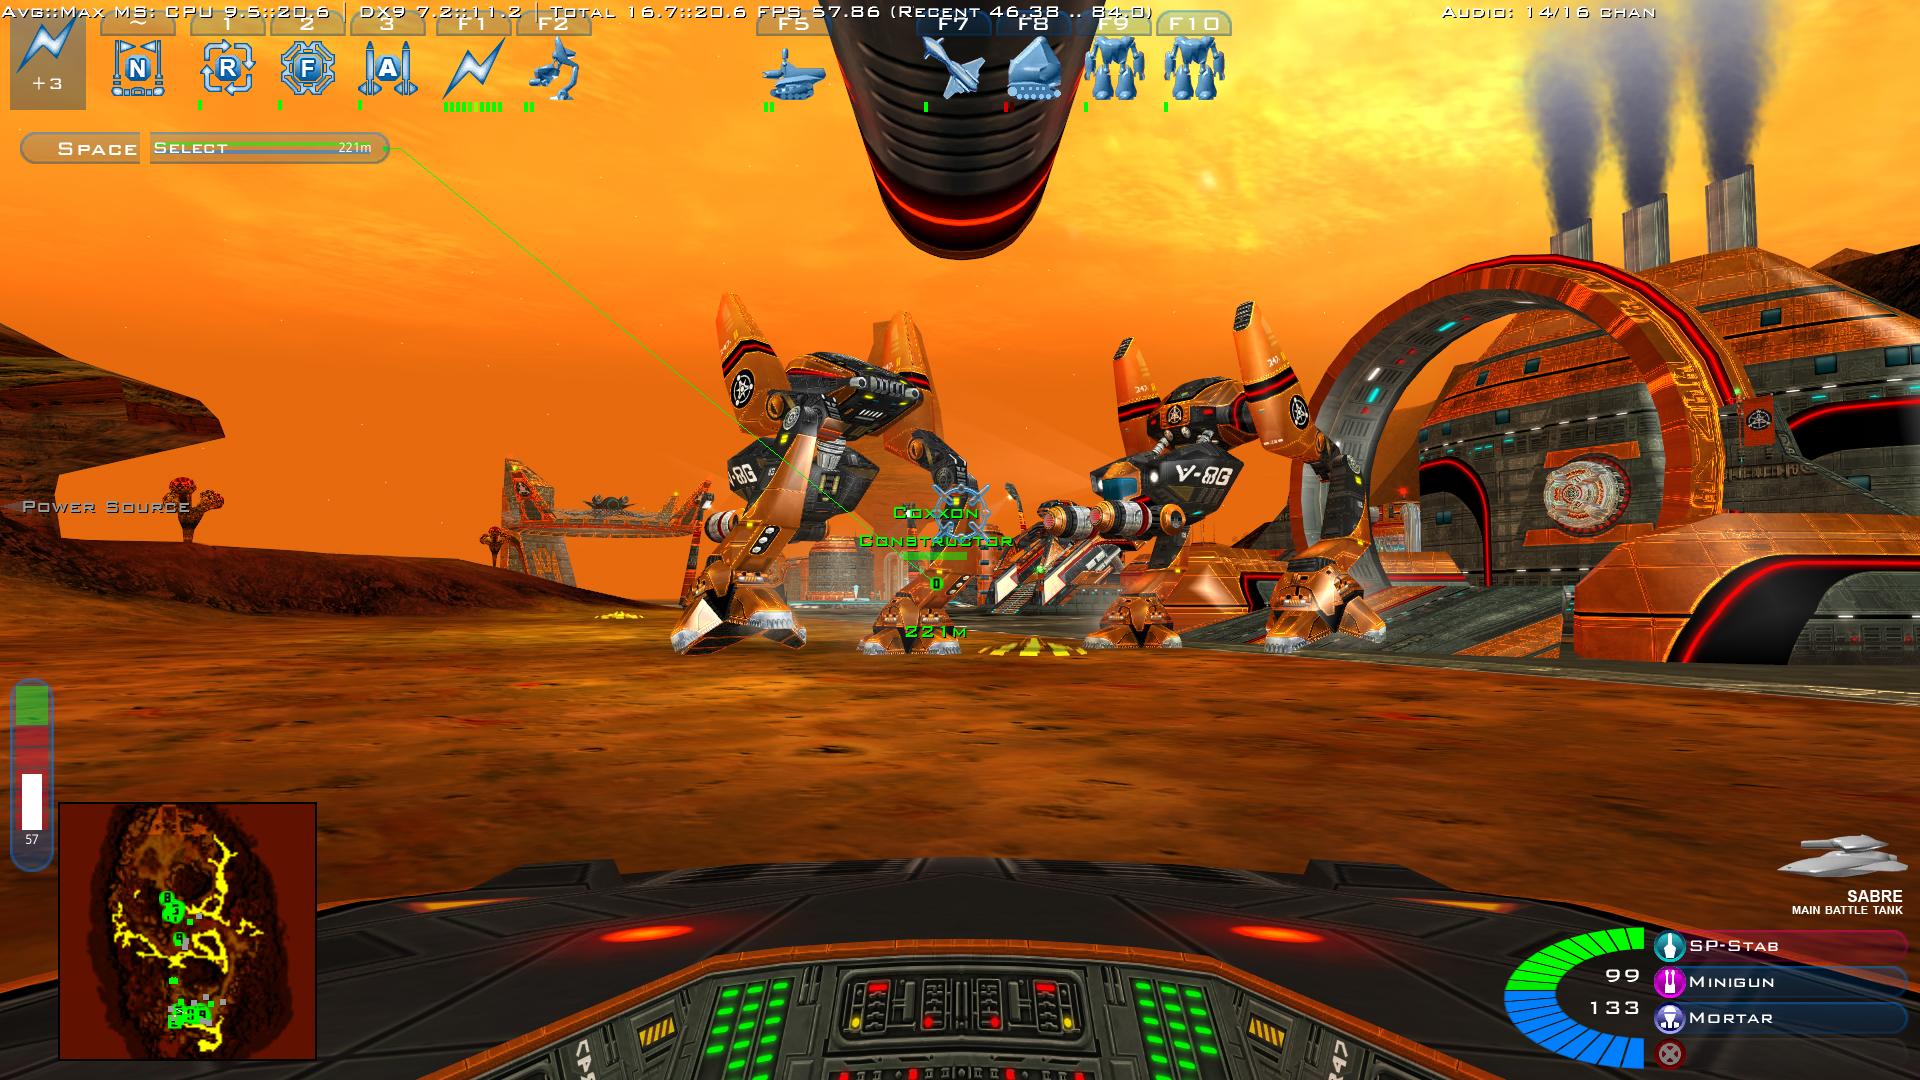 Isdfrendbase 6 image battlezone ii remodeled for for Battlezone 2